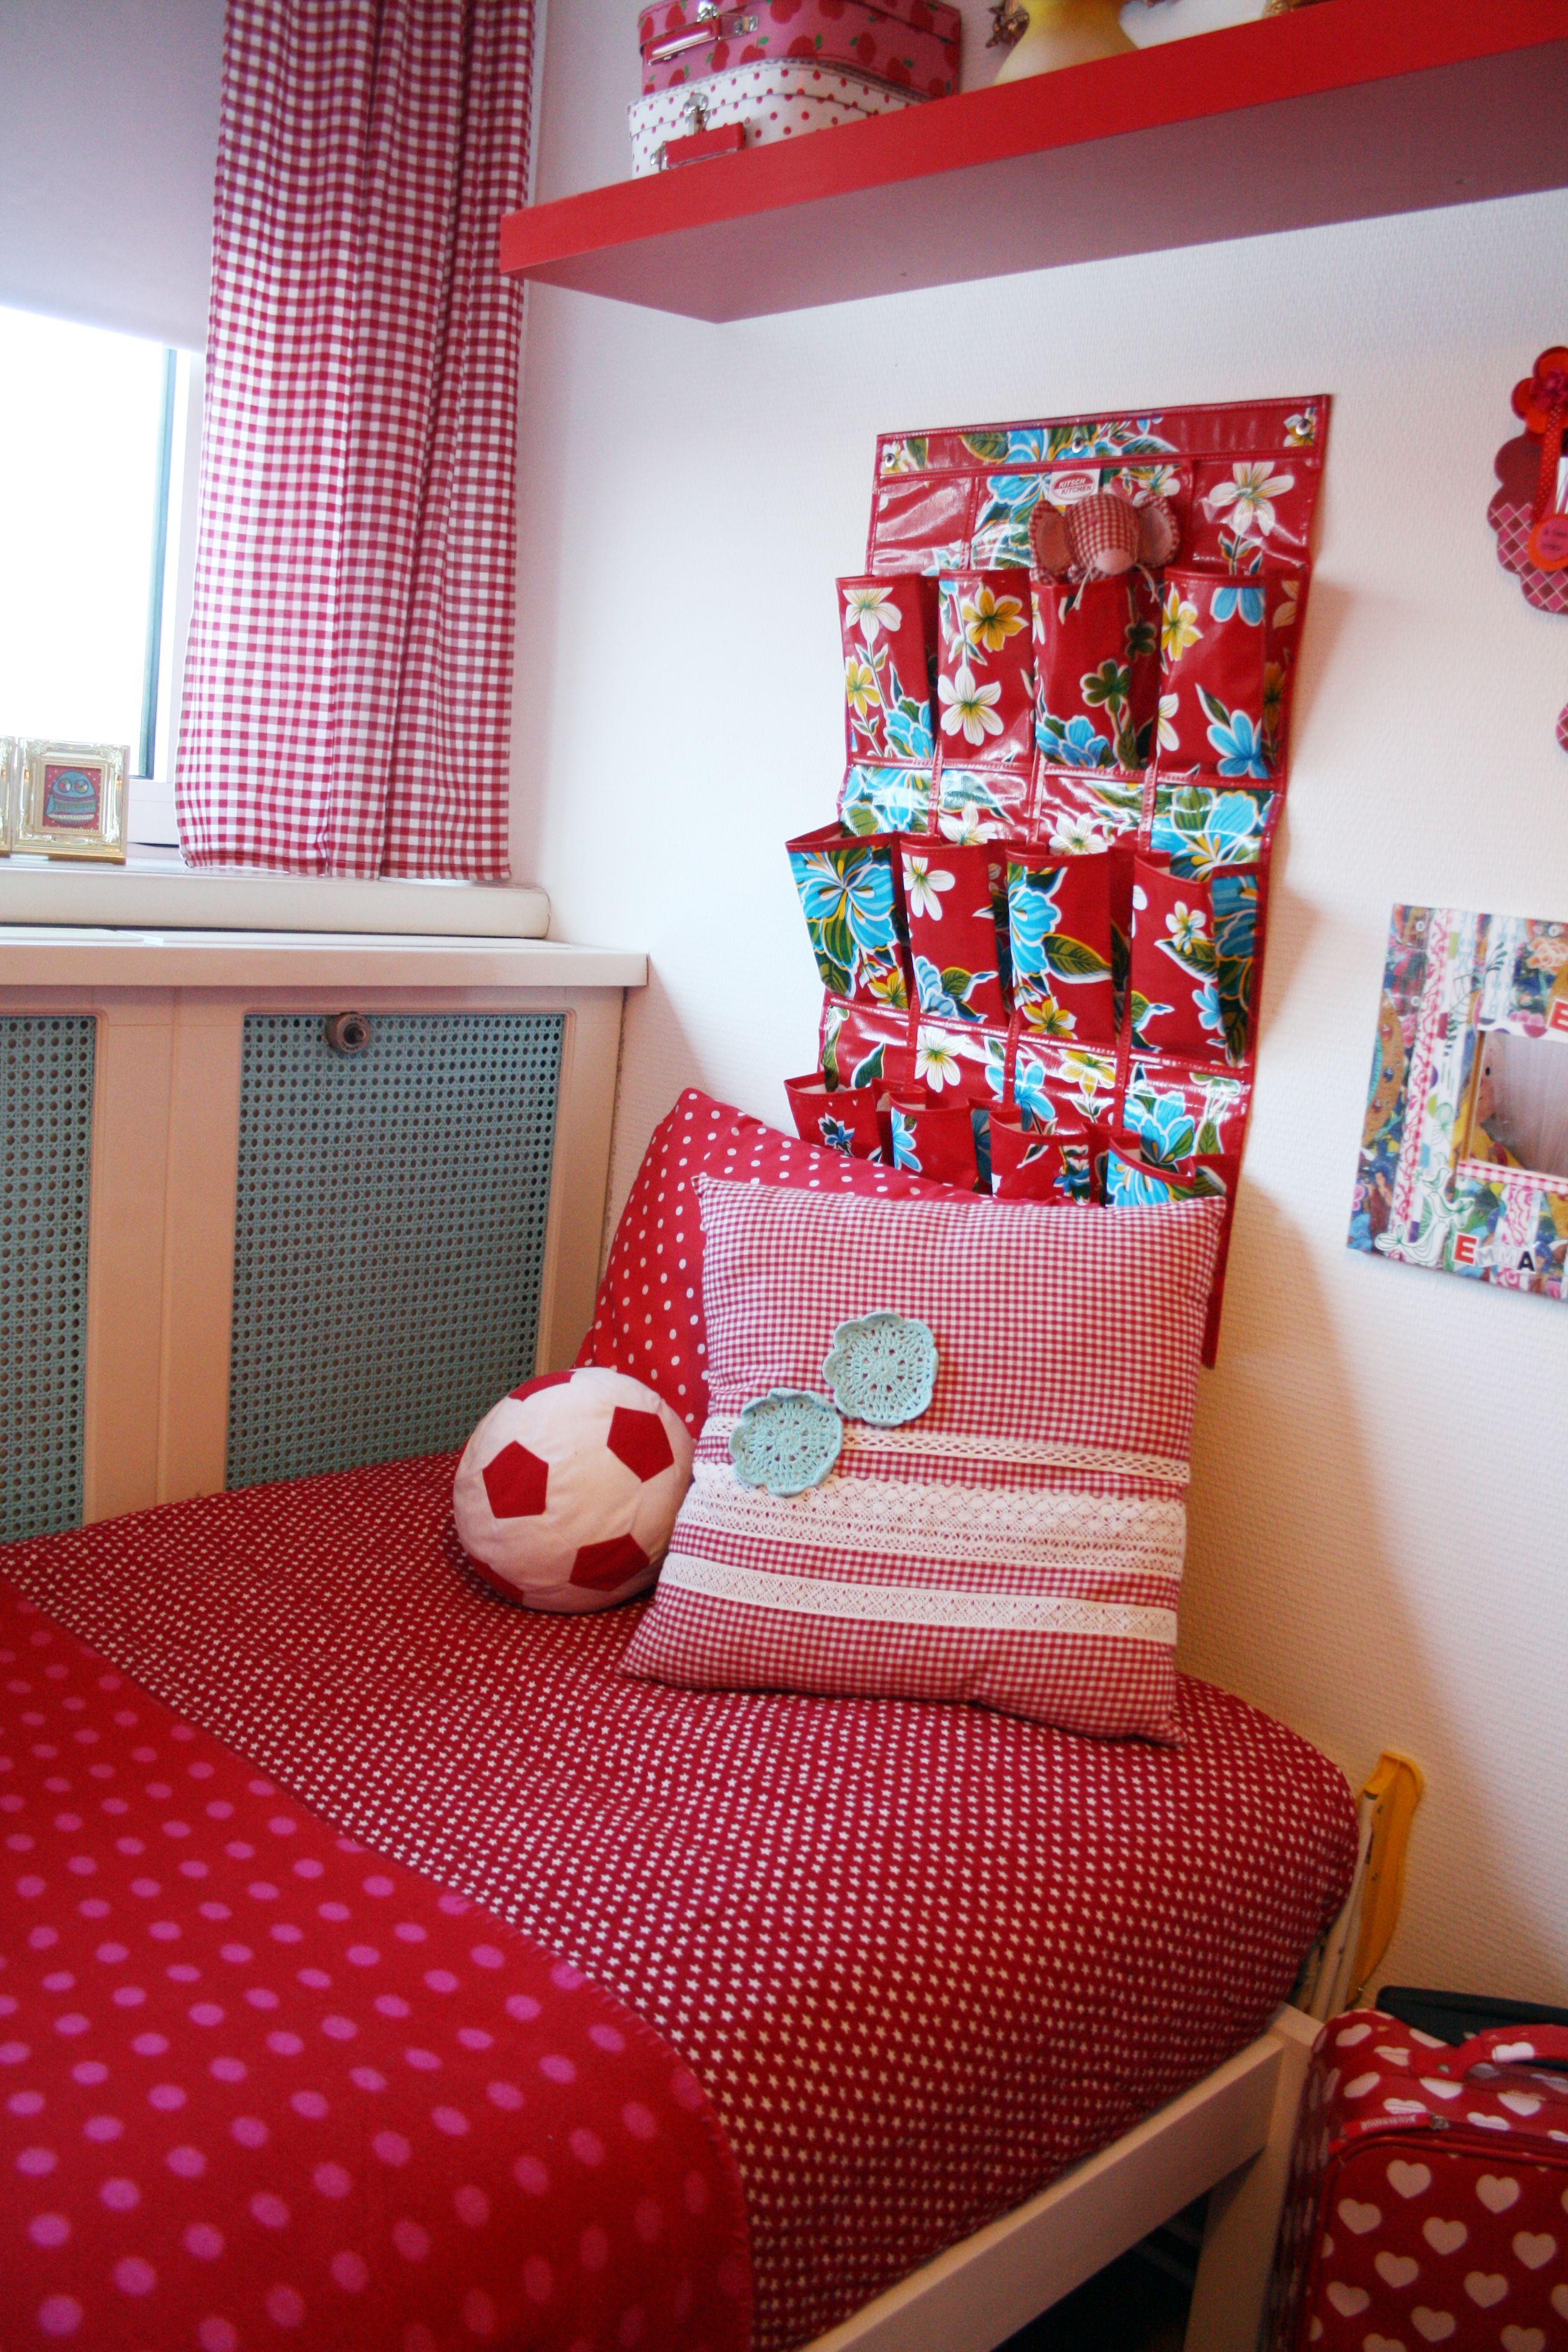 Kinderkamer Rood wit blauw gestipt geruit